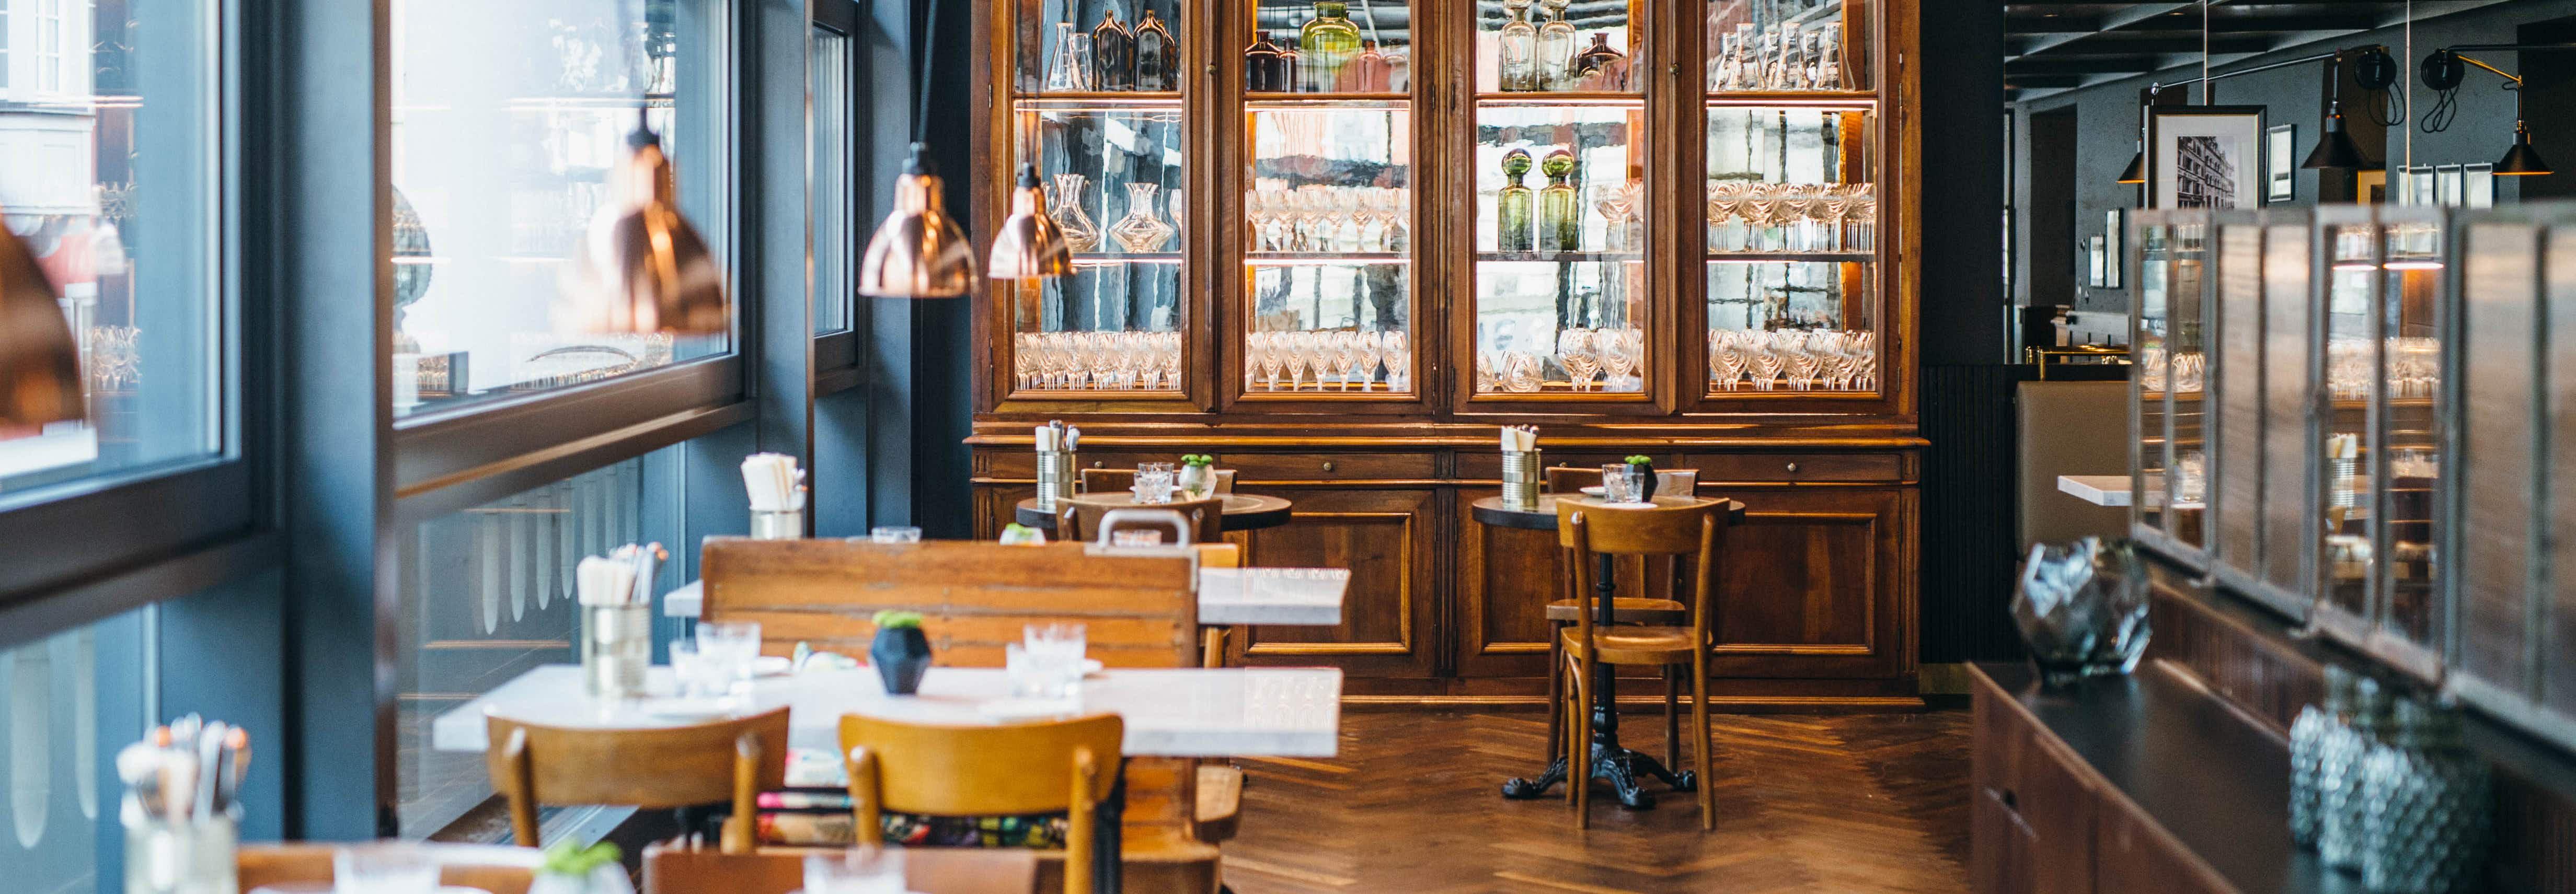 Eventlocation in Konstanz - gemütliche Einrichtung in der Brasserie Colette Konstanz